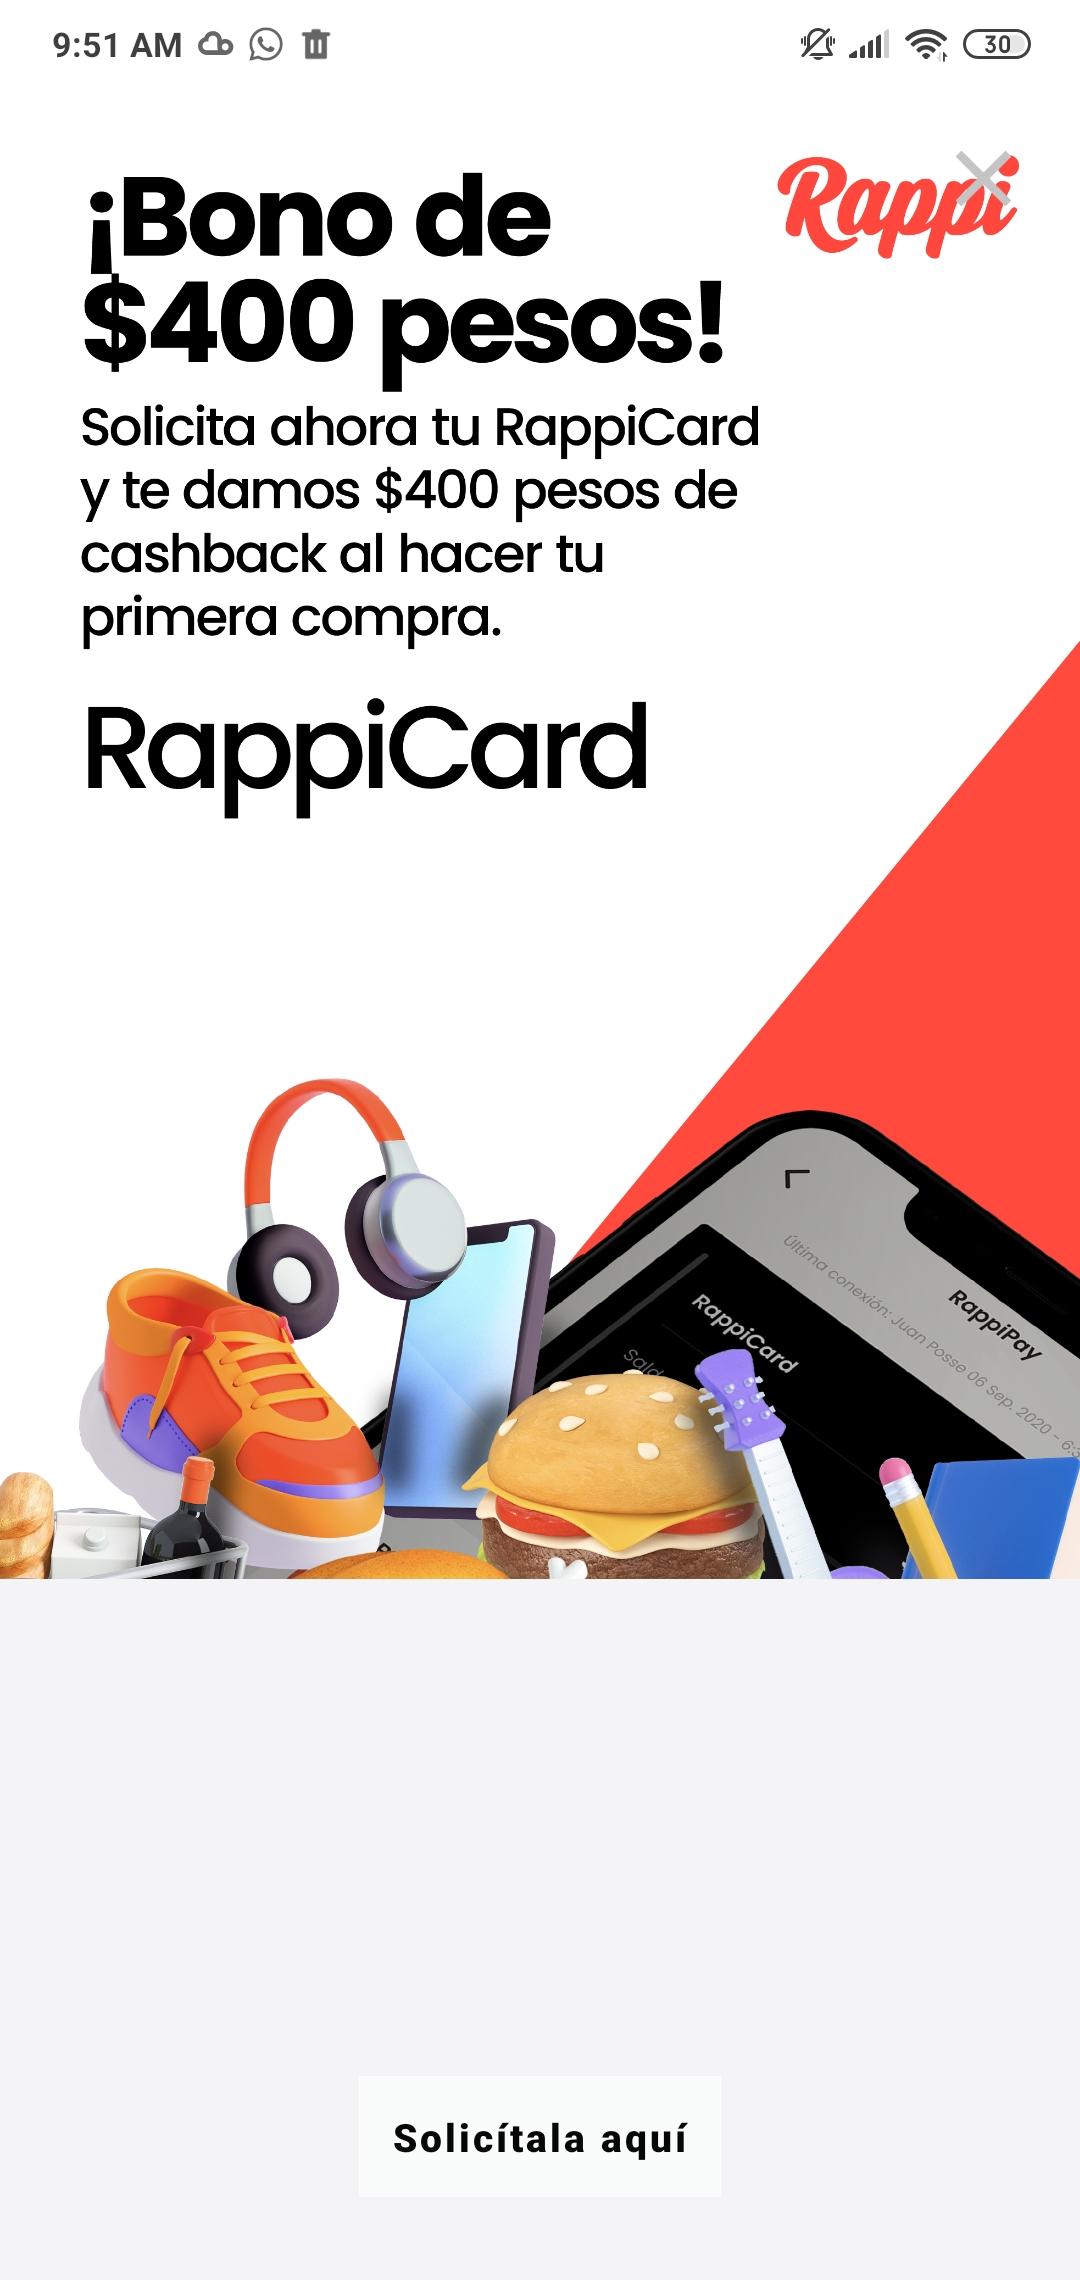 Rappi: Cashback de 400$ al realizar primera compra solicitando Rappicard.